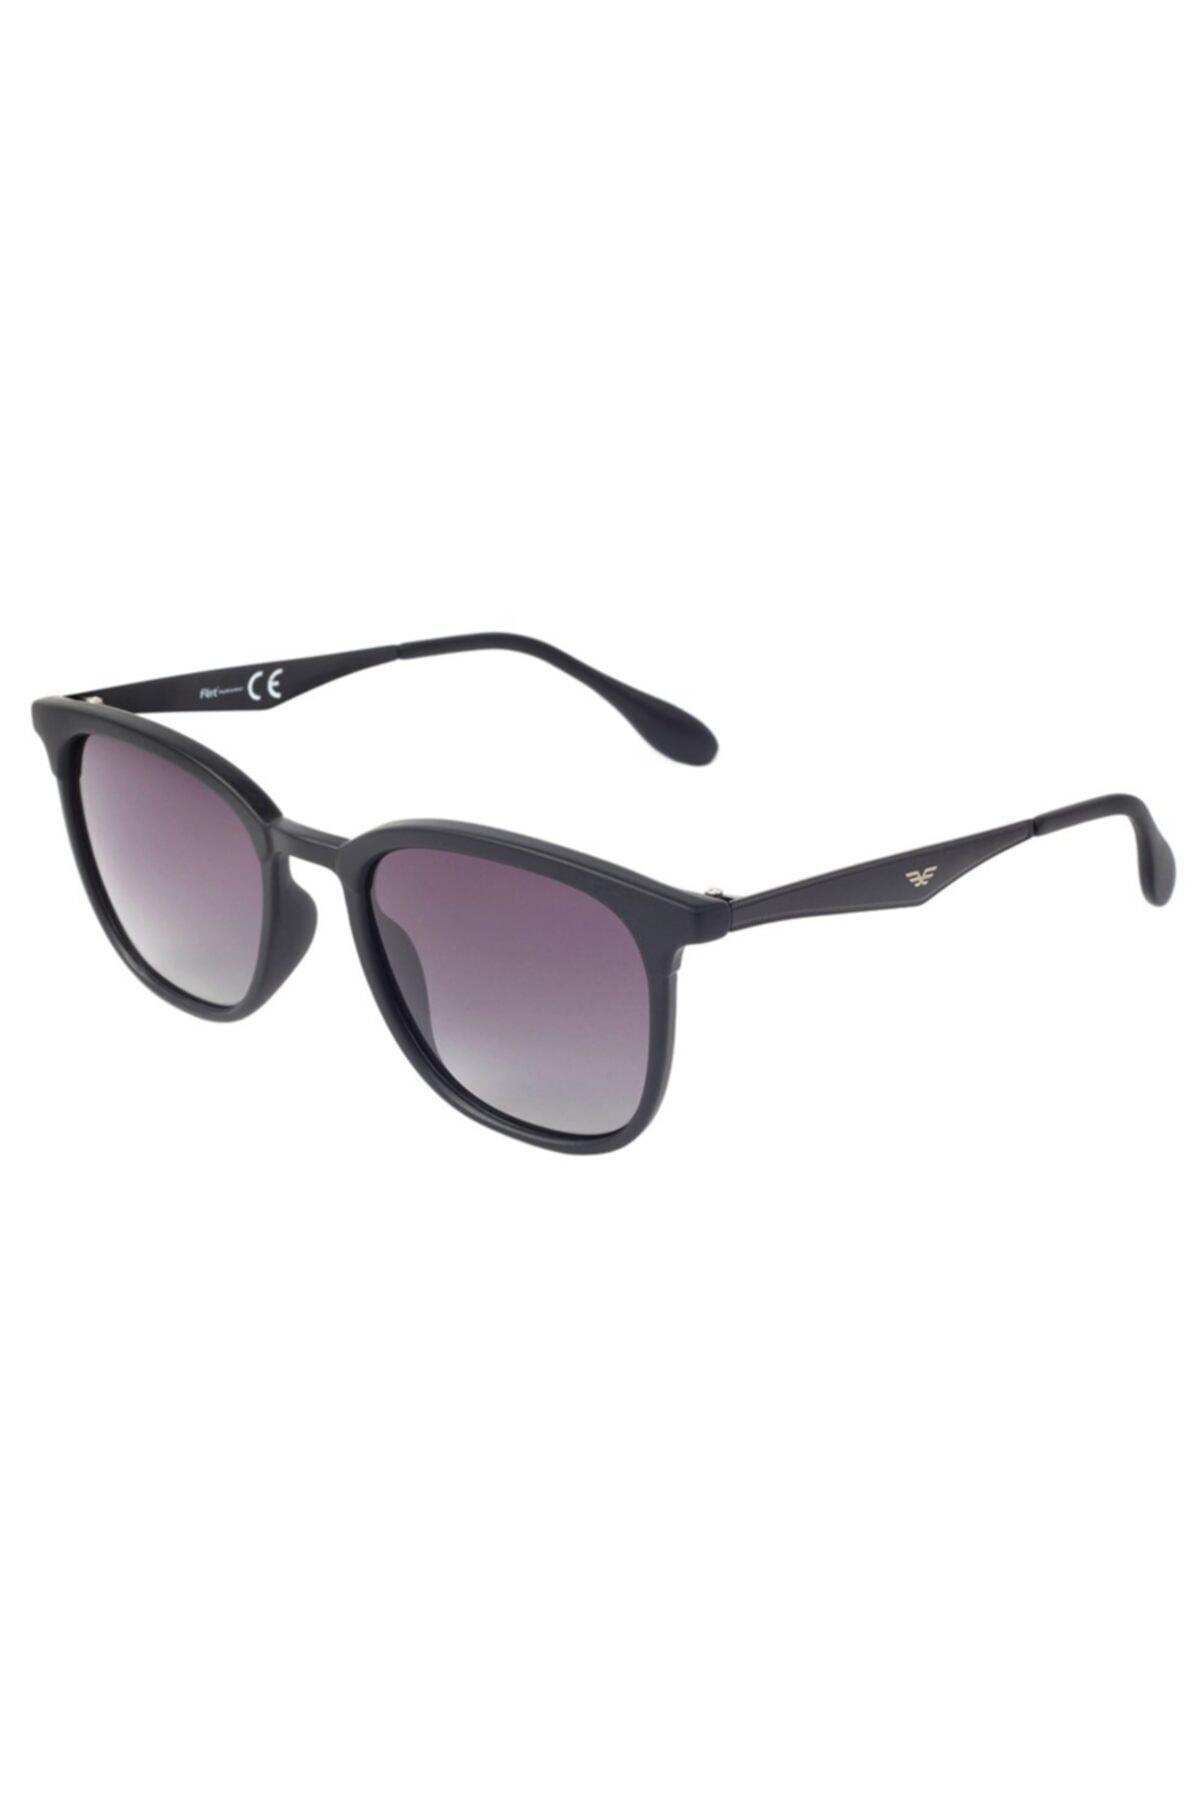 عینک آفتابی مردانه مدل دار برند Flirt رنگ مشکی کد ty68136839